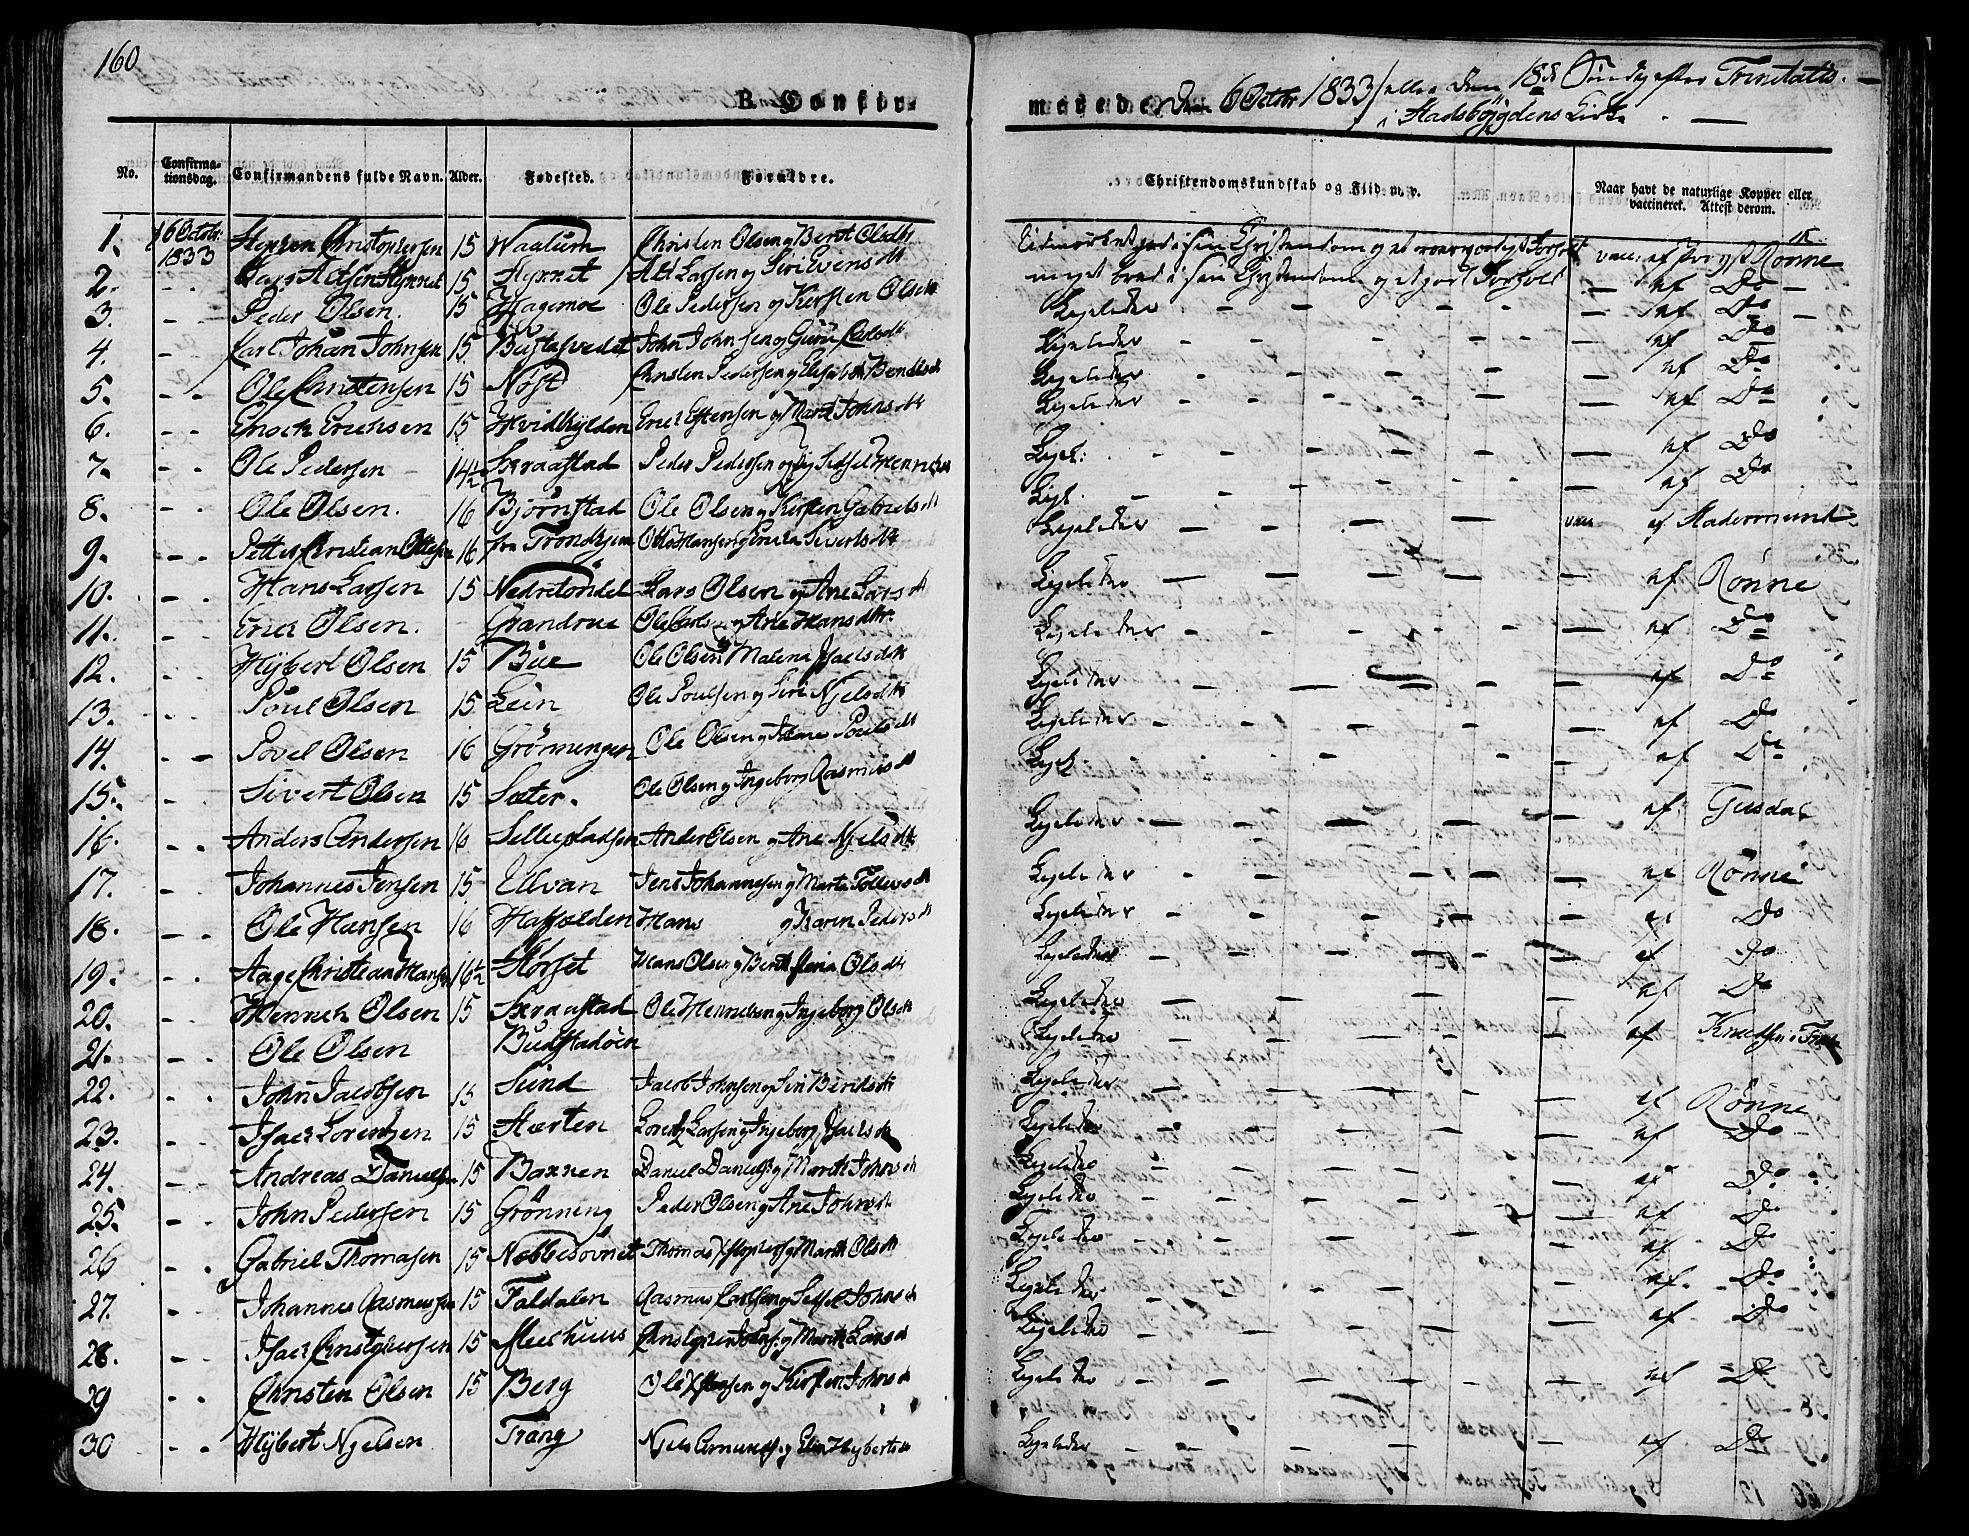 SAT, Ministerialprotokoller, klokkerbøker og fødselsregistre - Sør-Trøndelag, 646/L0609: Ministerialbok nr. 646A07, 1826-1838, s. 160